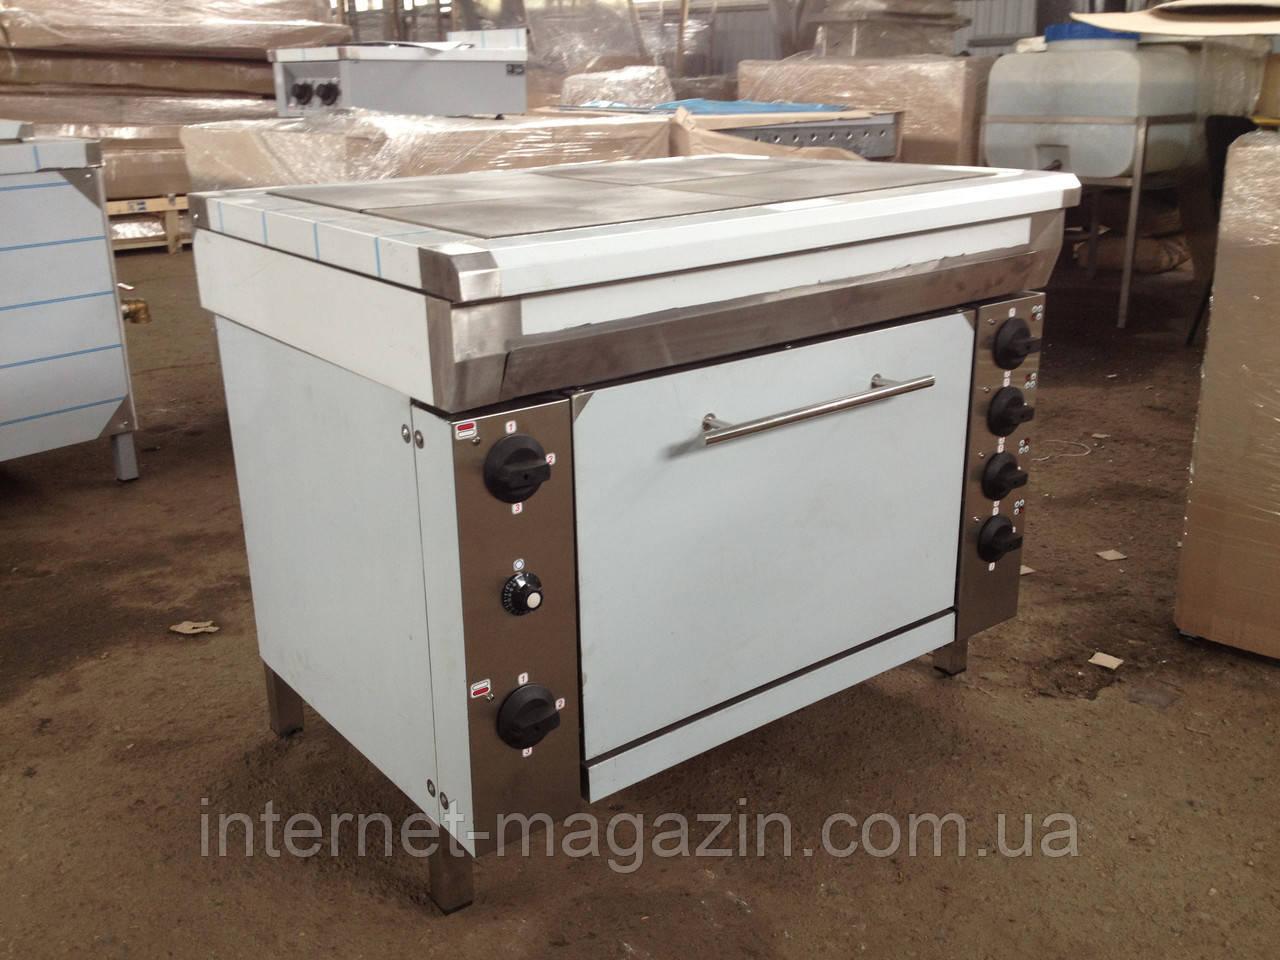 Плита промышленная с духовым шкафом 4-конфорочная